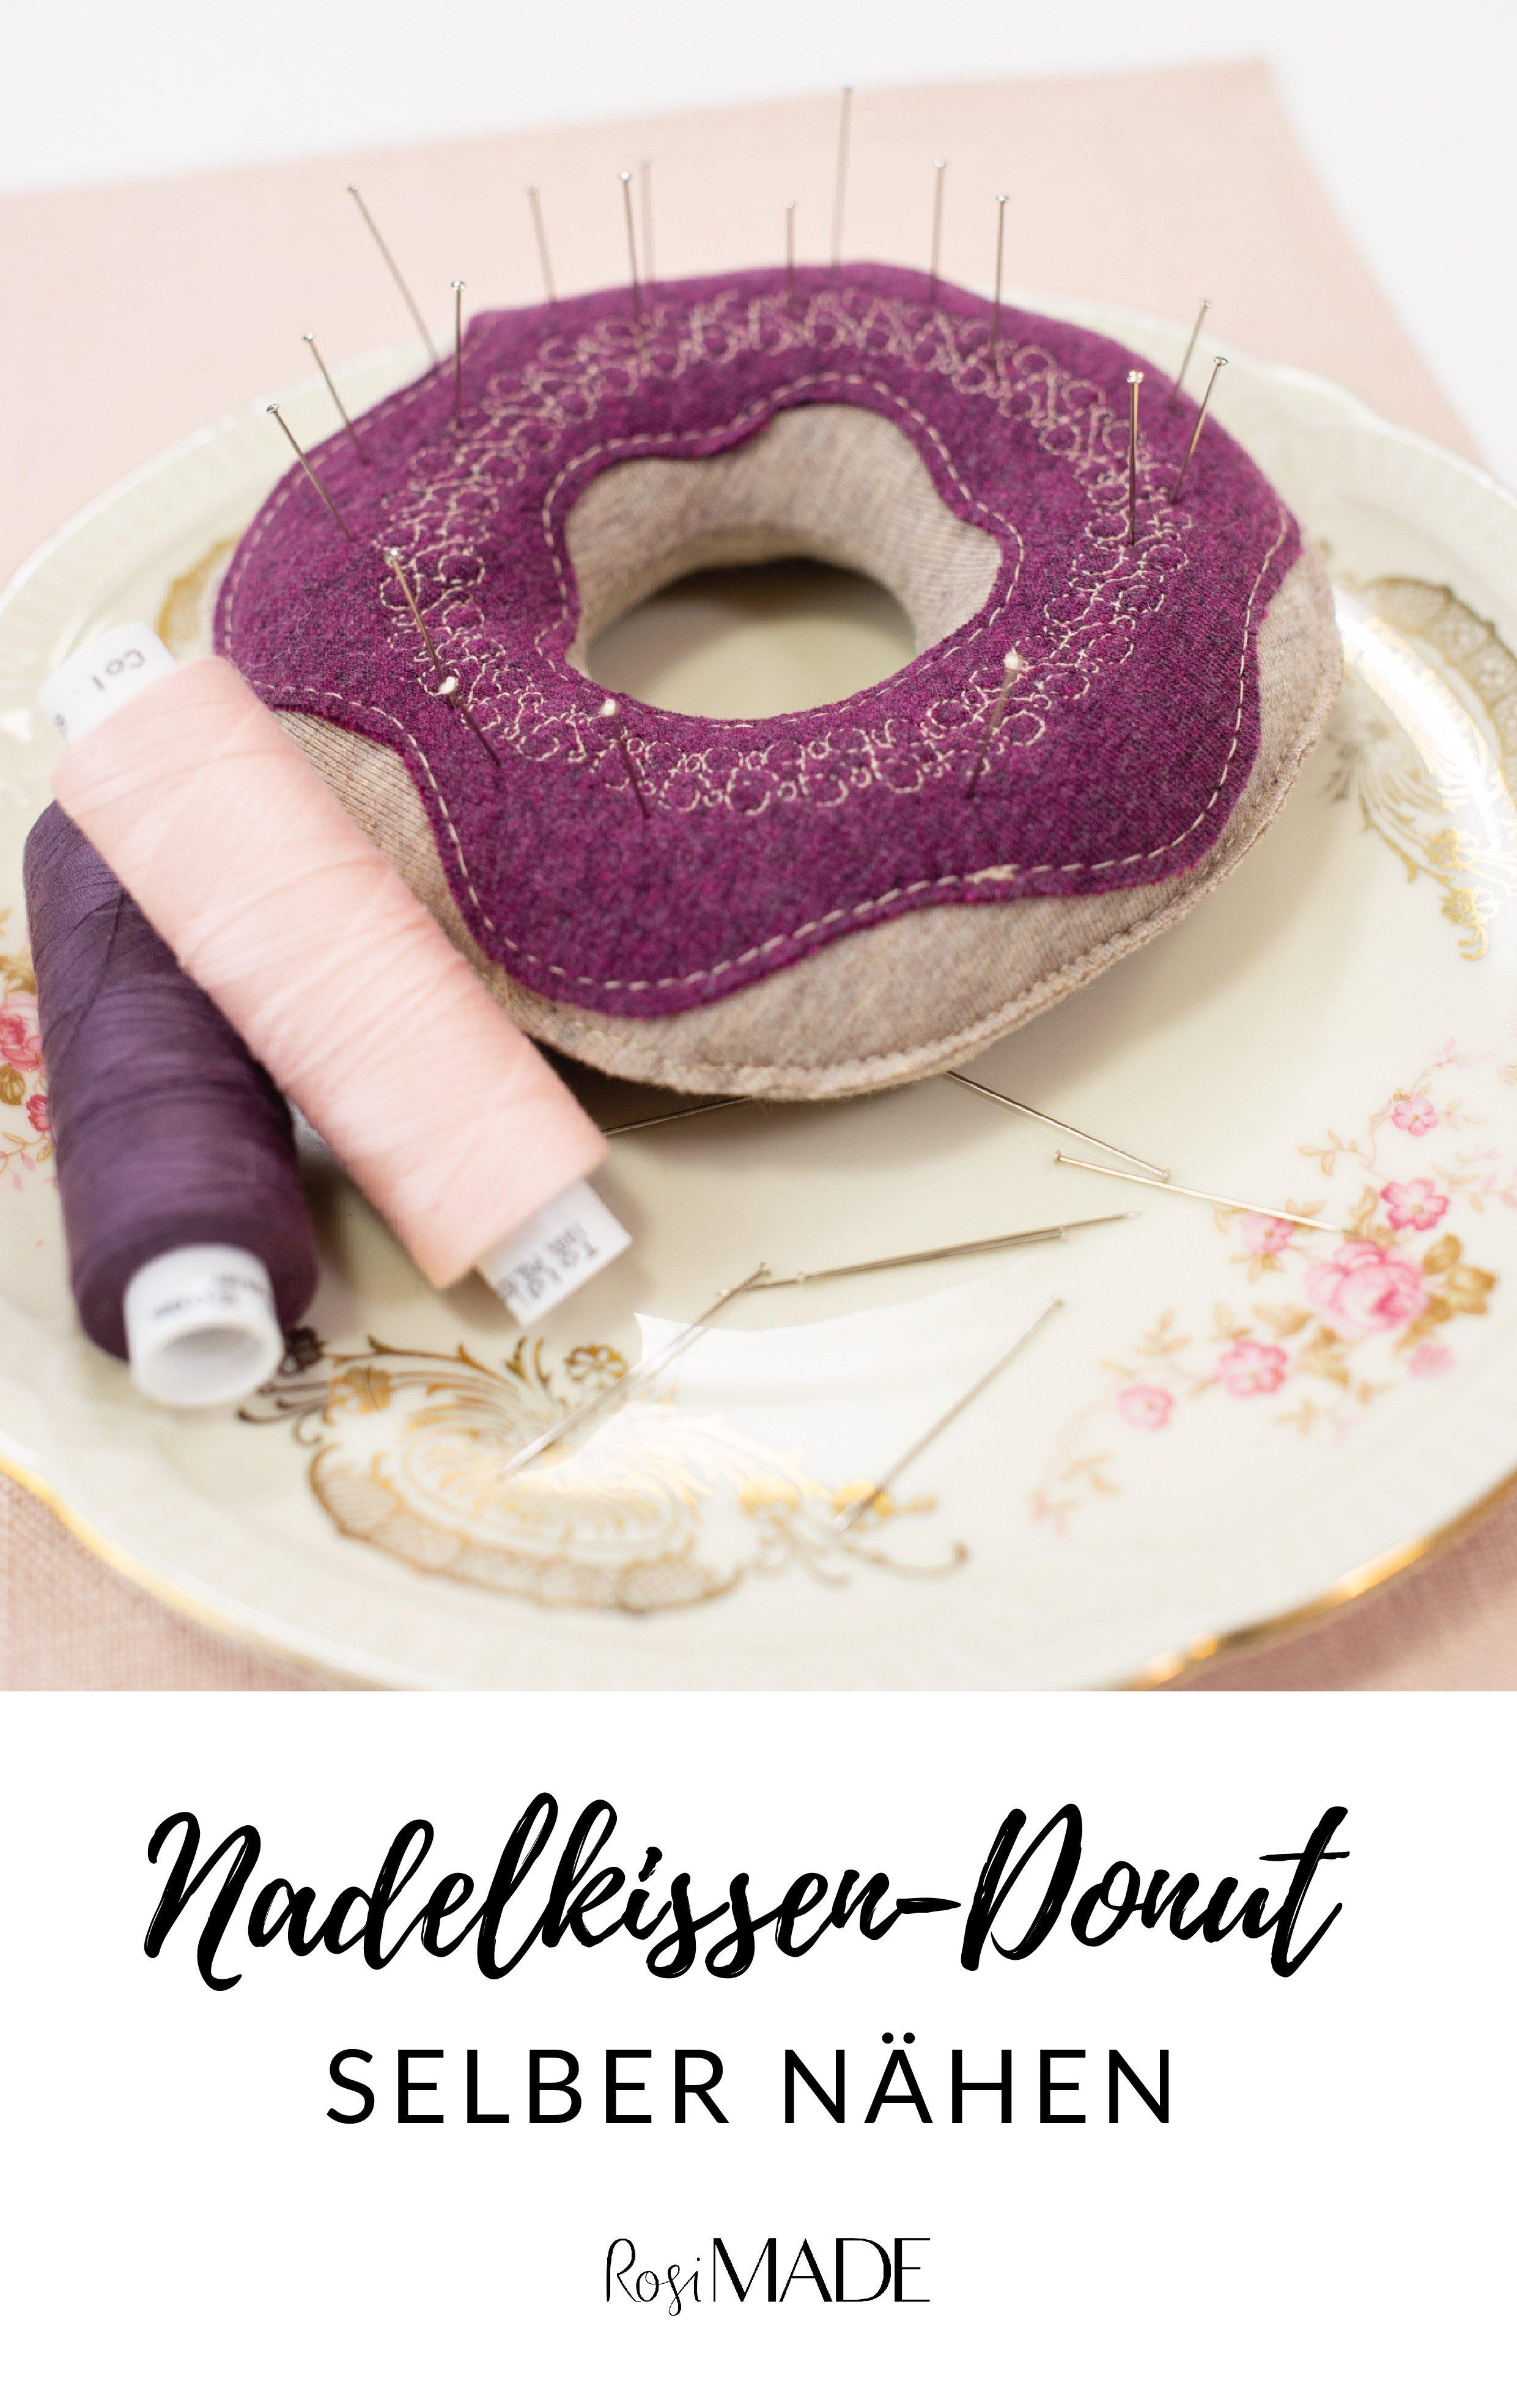 DIY Nadelkissen Donut naehen